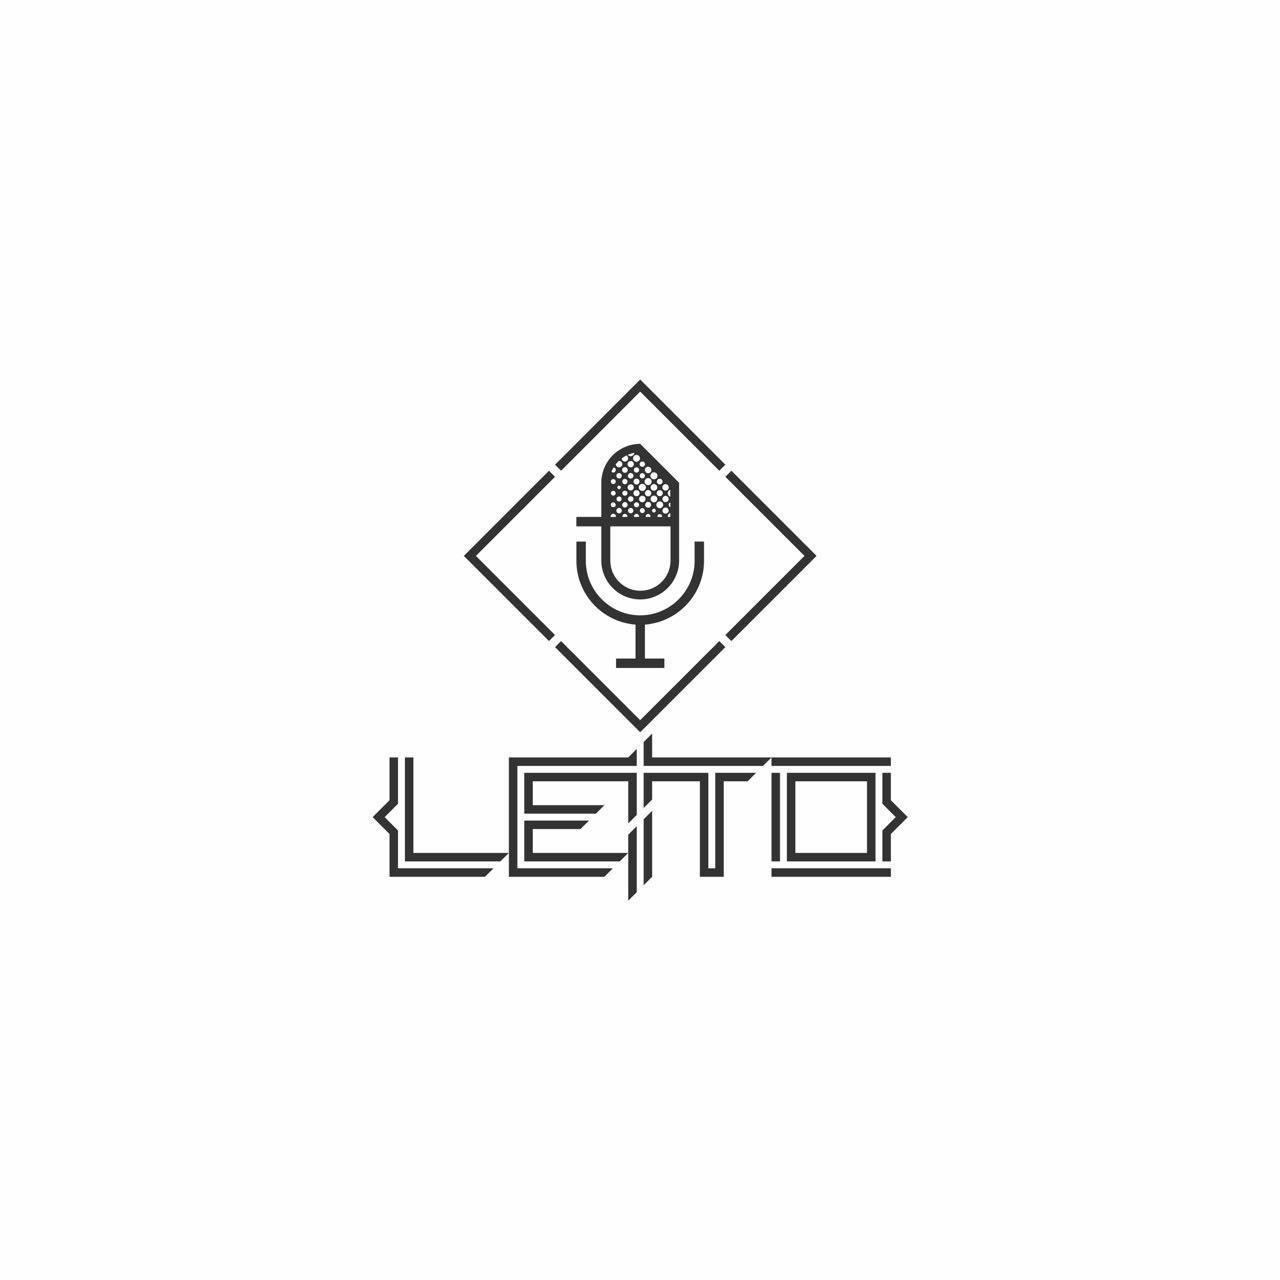 http://up.leito.ir/view/1226847/Leitologo%20(2).jpg